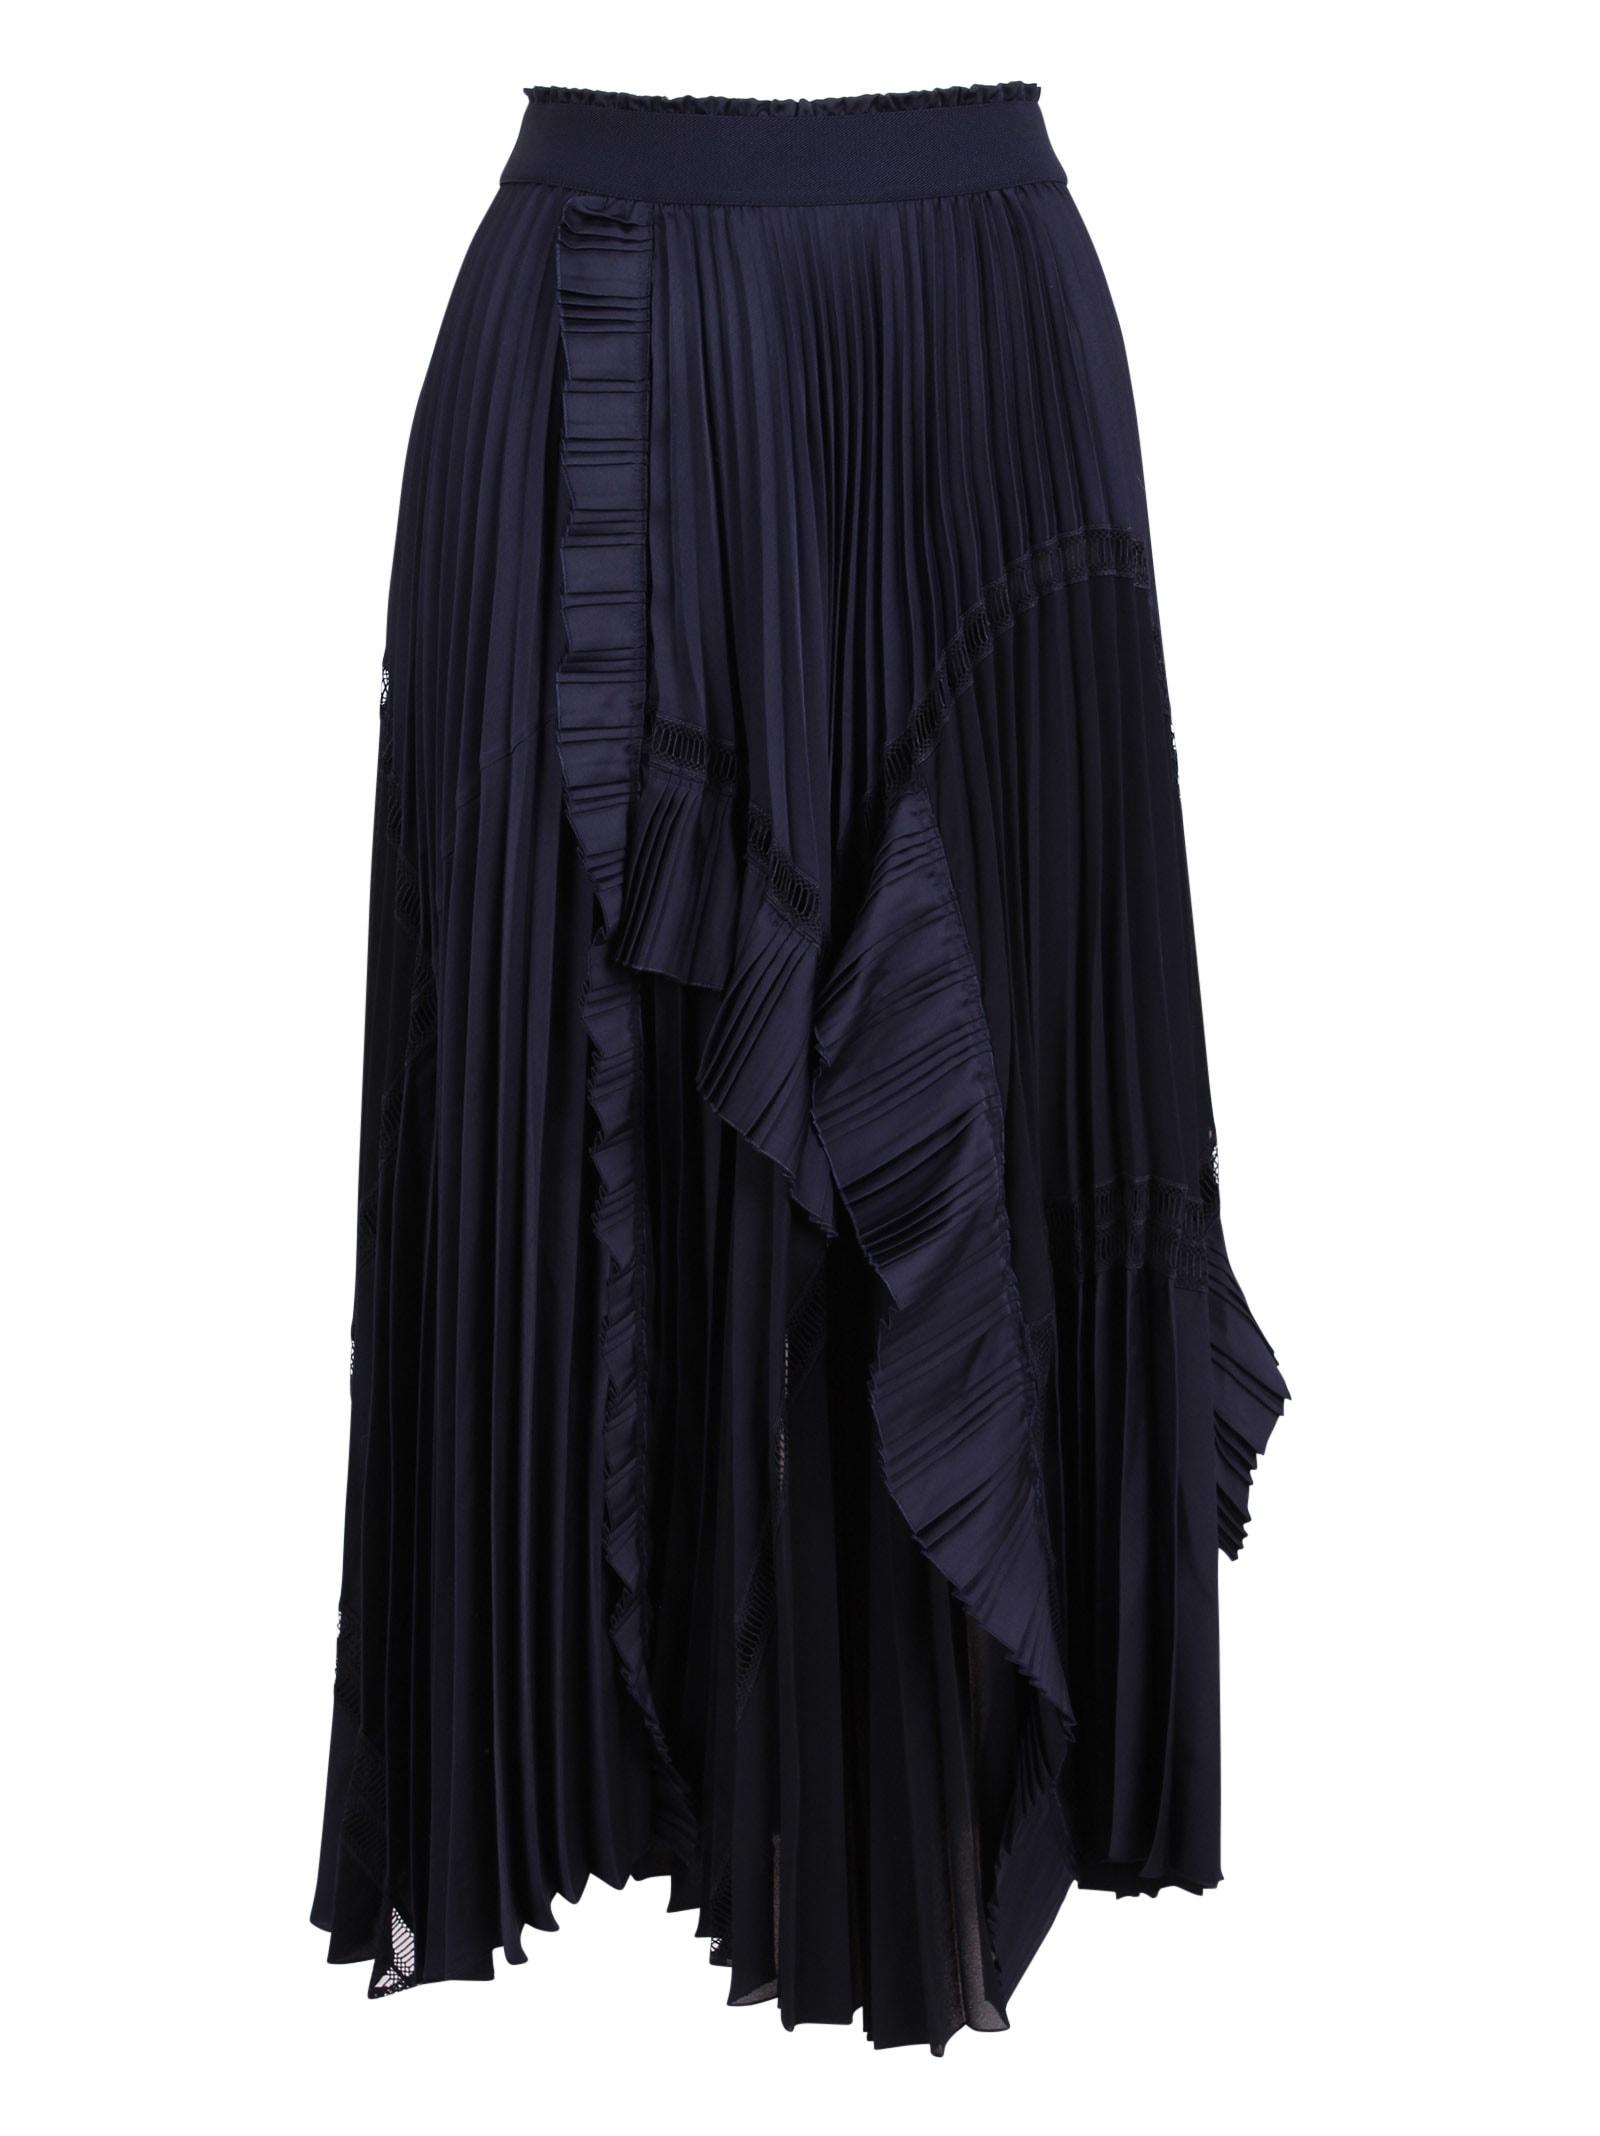 High Skirts FANTASTIC POLYESTER SKIRT